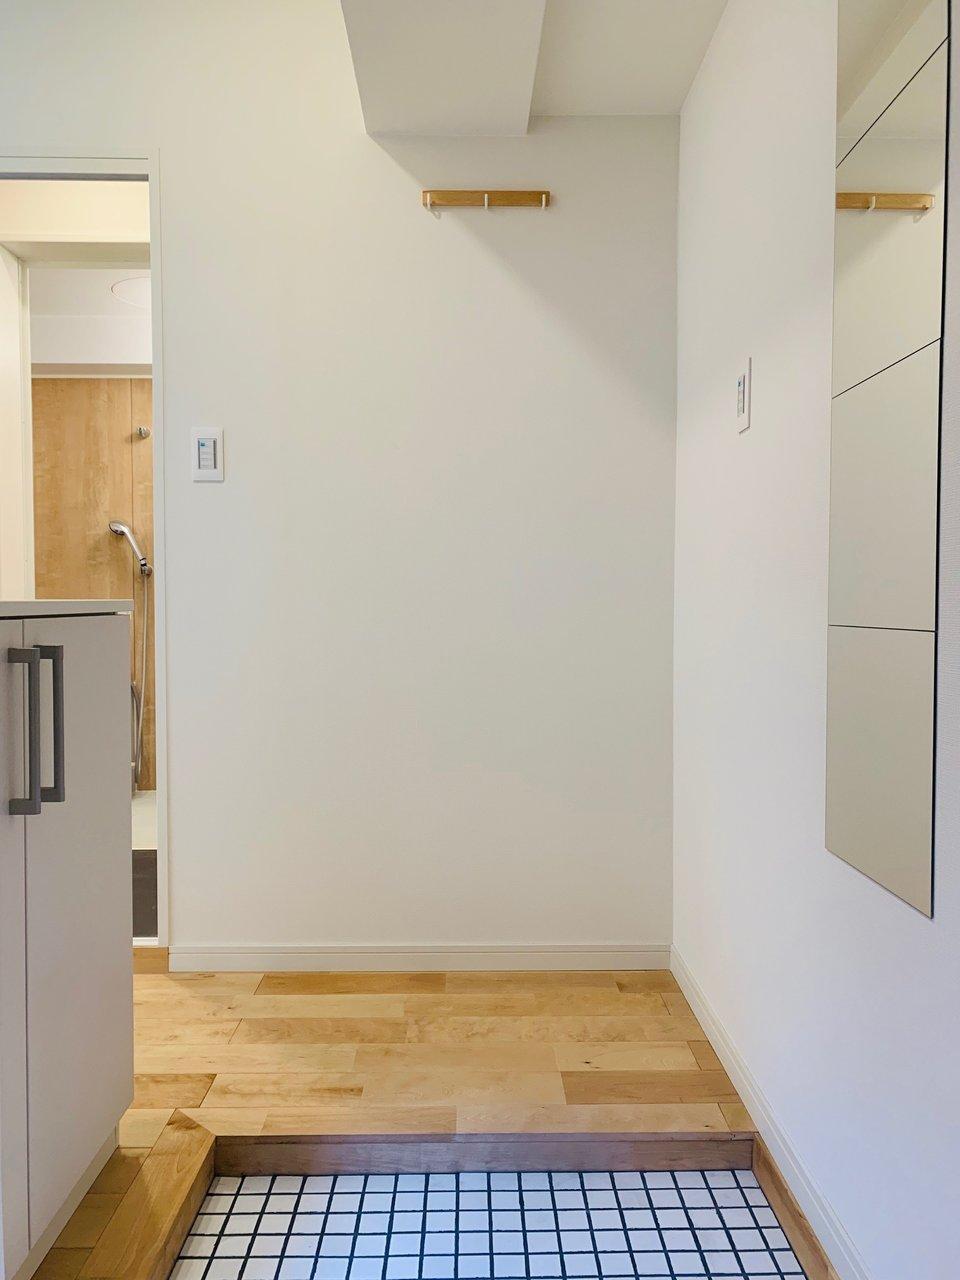 玄関は白い陶器のタイルで明るい印象に。自分でこういうの敷き詰めるのは大変だから、住み始めからこのようなデザインになっていると、ポイント高いですよね。